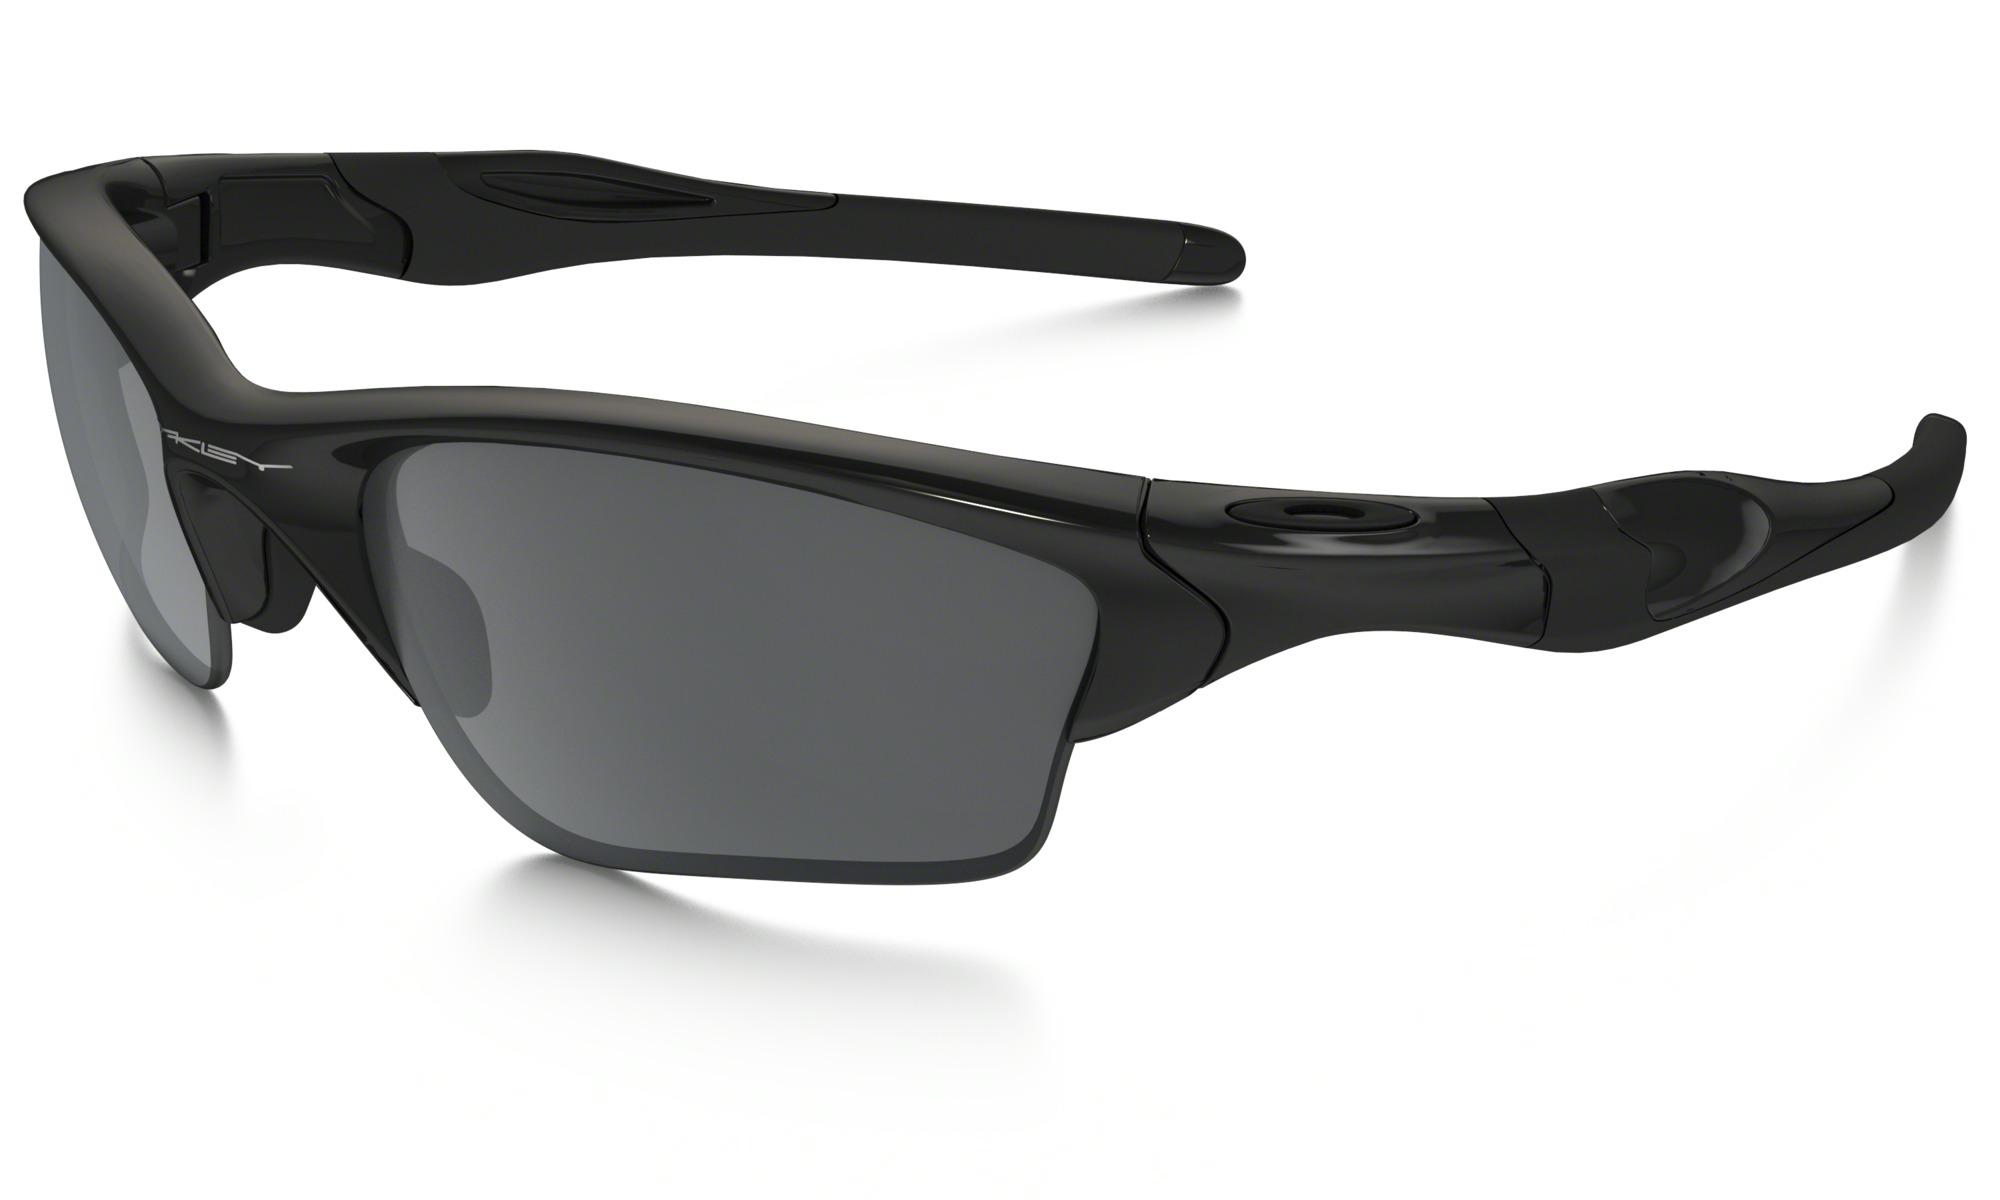 fb8ca756aa390 Oakley Half Jacket 2.0 XL Sunglasses